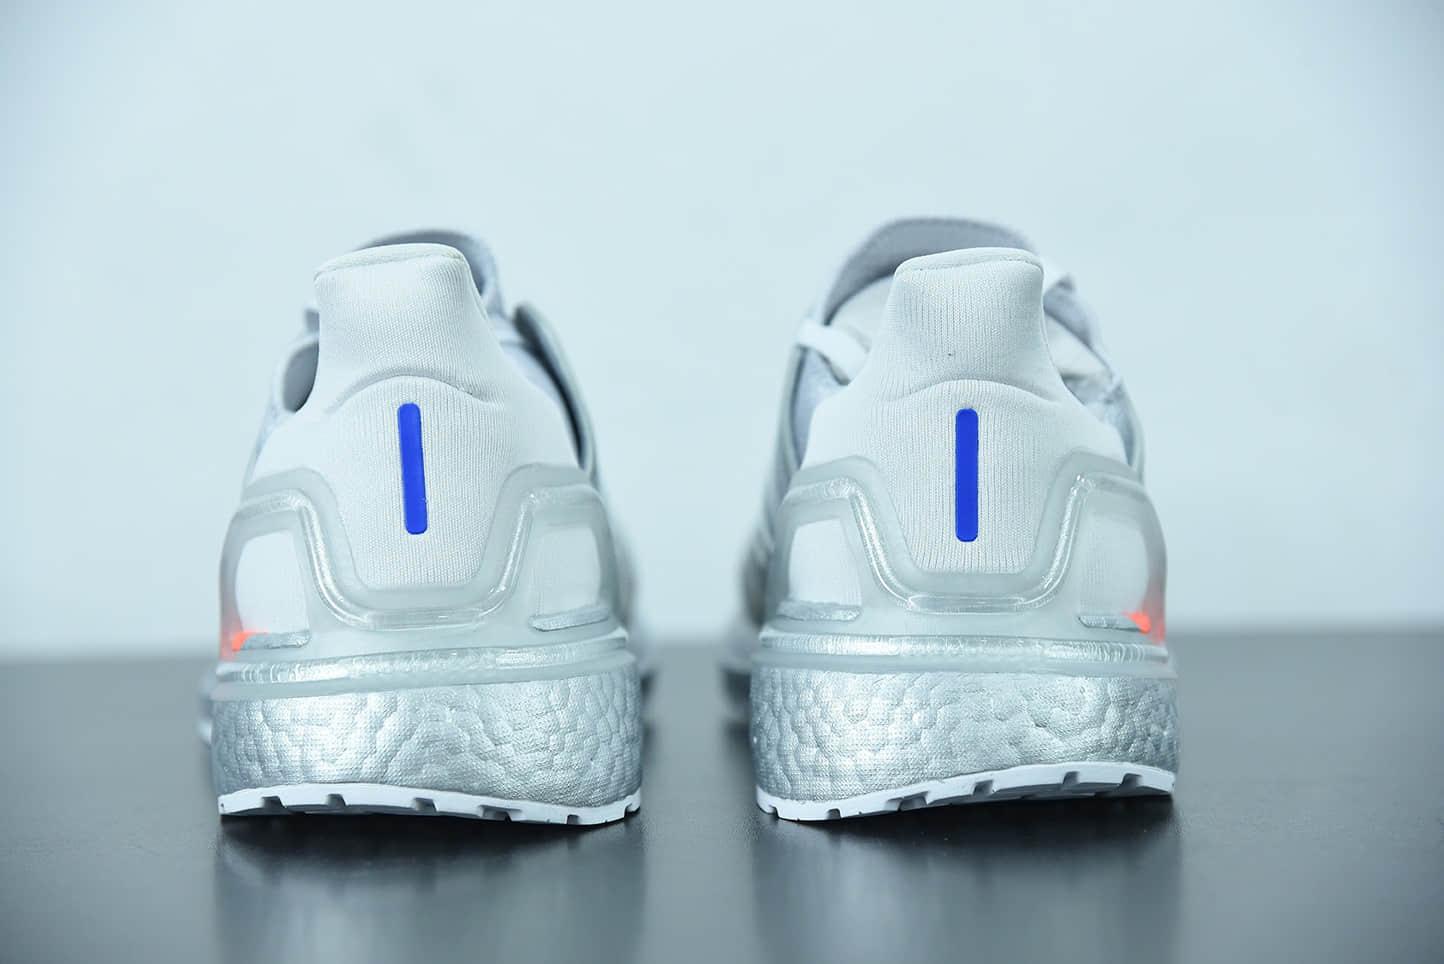 阿迪达斯 Adidas Nasa x Ad Ultra Boost 20 Consortium 2021夏季新款银橙色爆米花休闲跑步鞋纯原版本 货号: FX7957